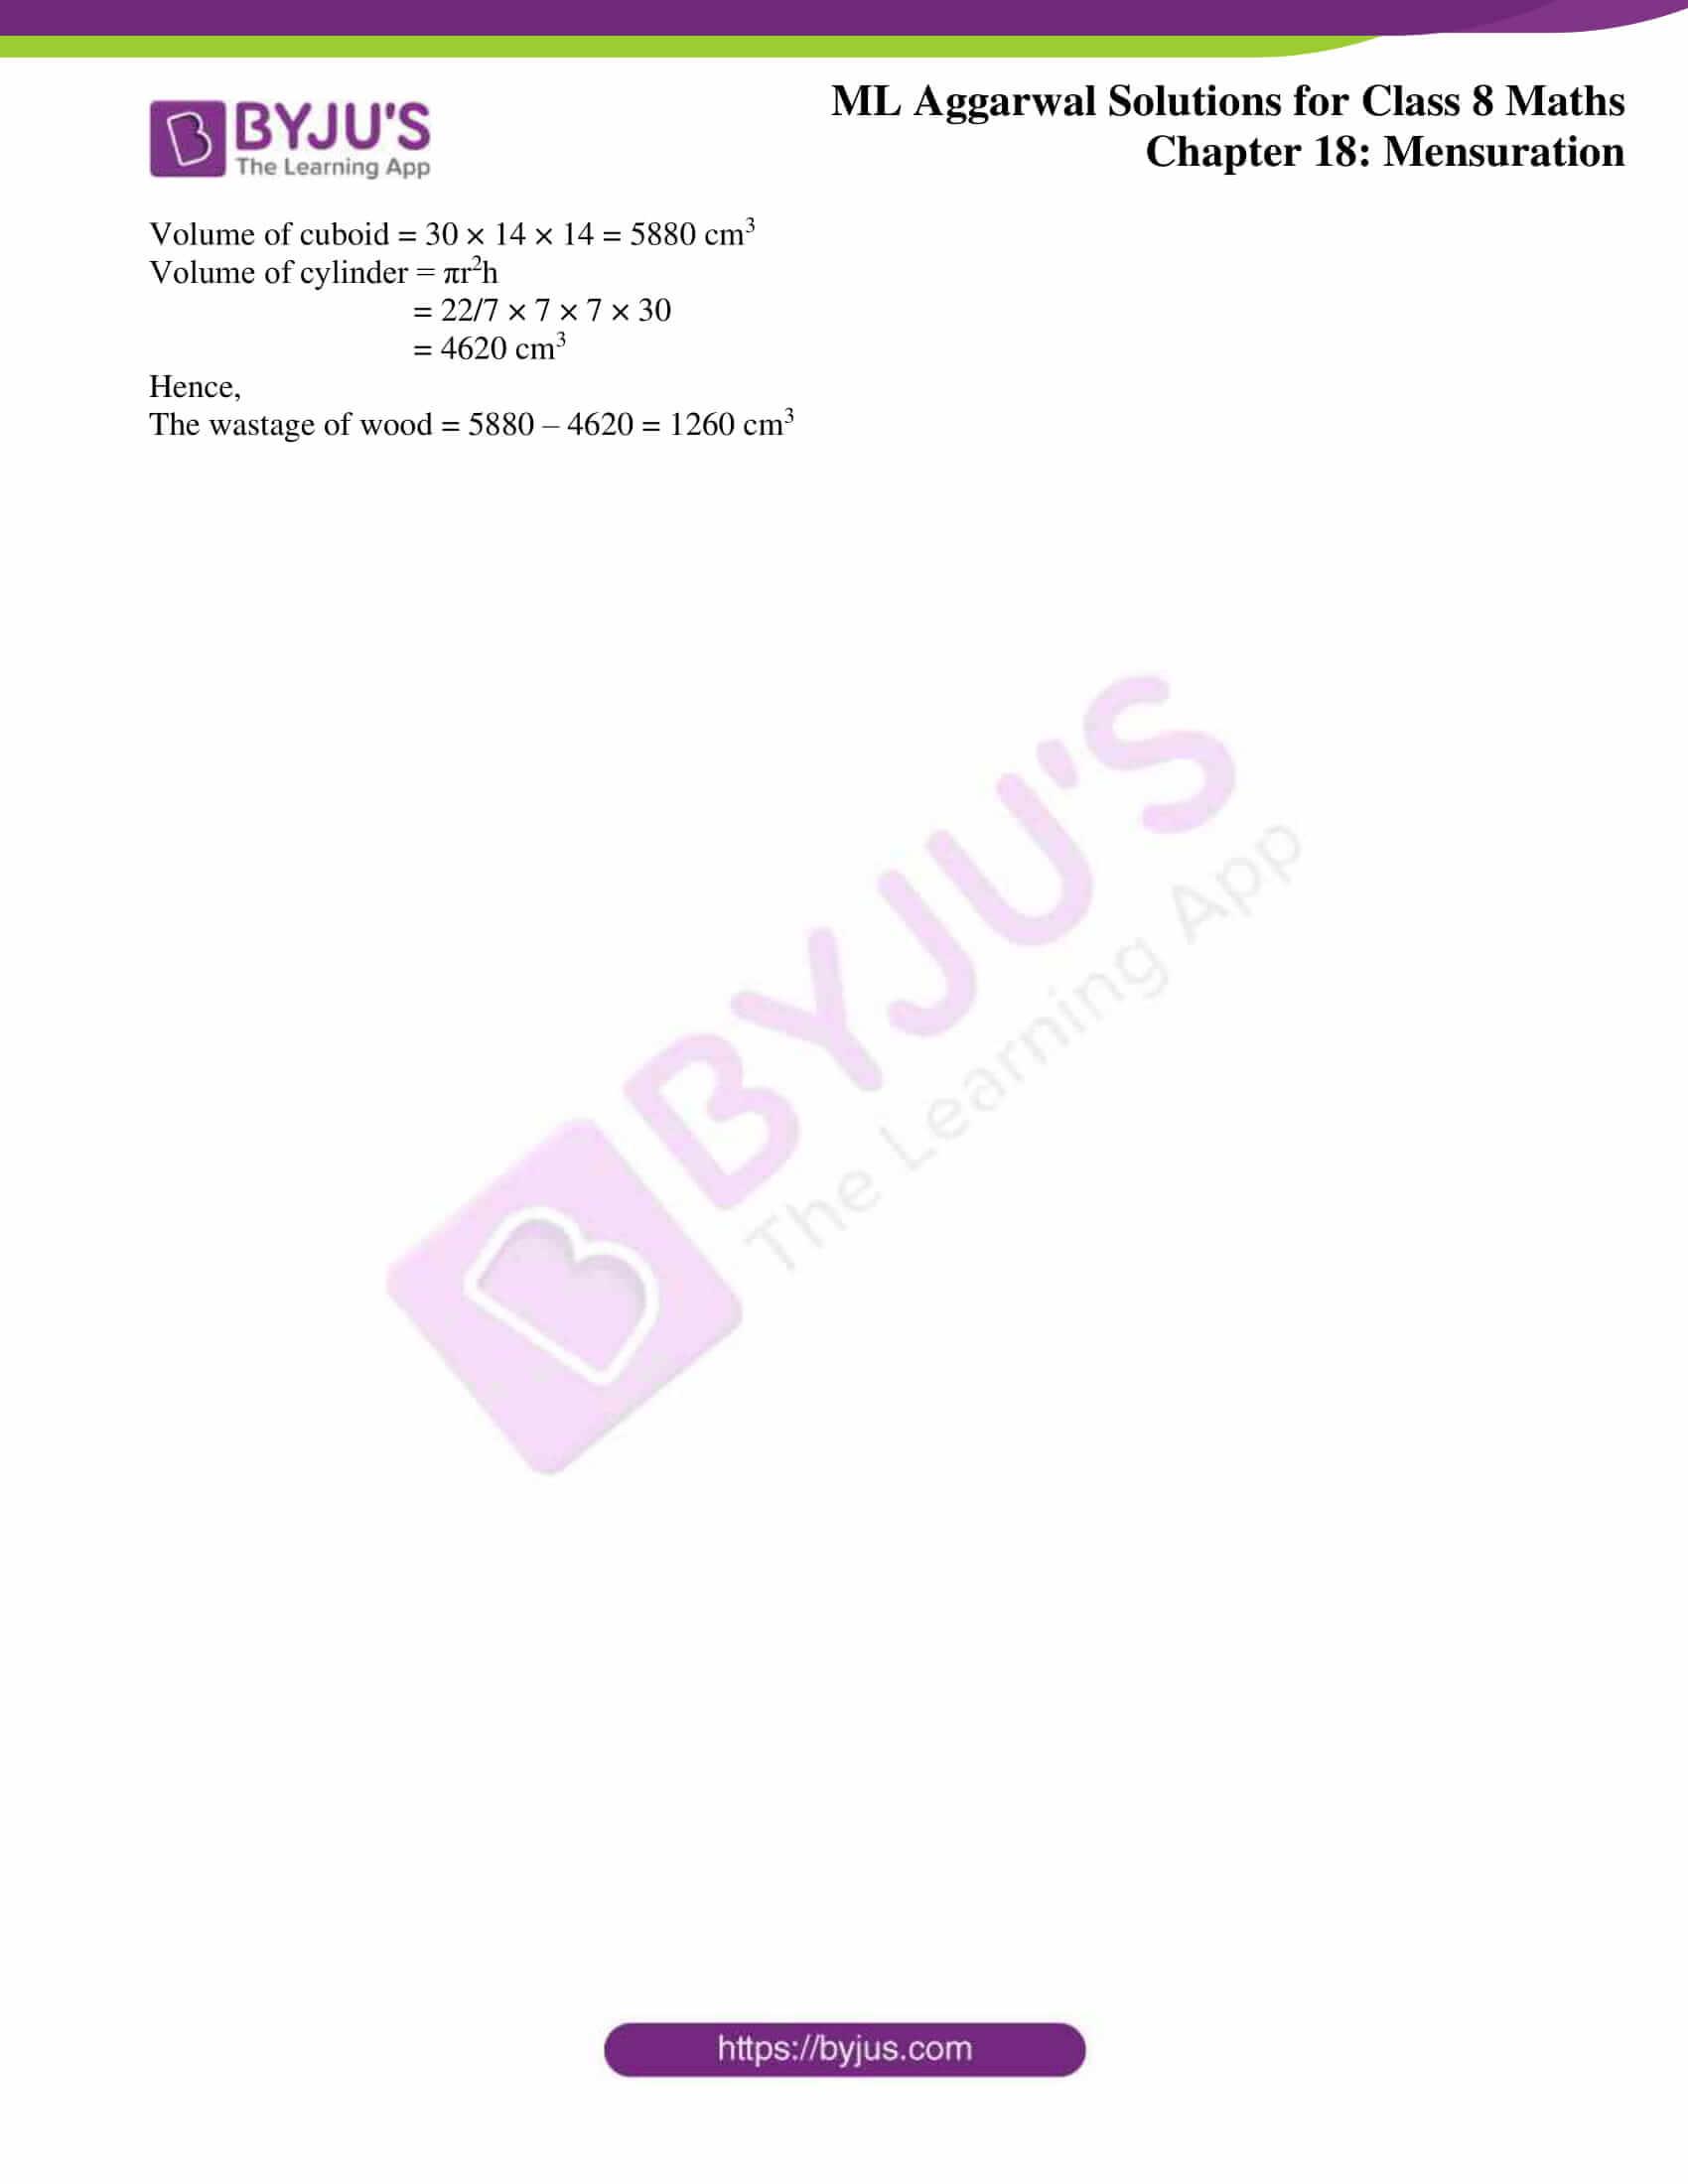 ml aggarwal sol mathematics class 8 ch 18 27